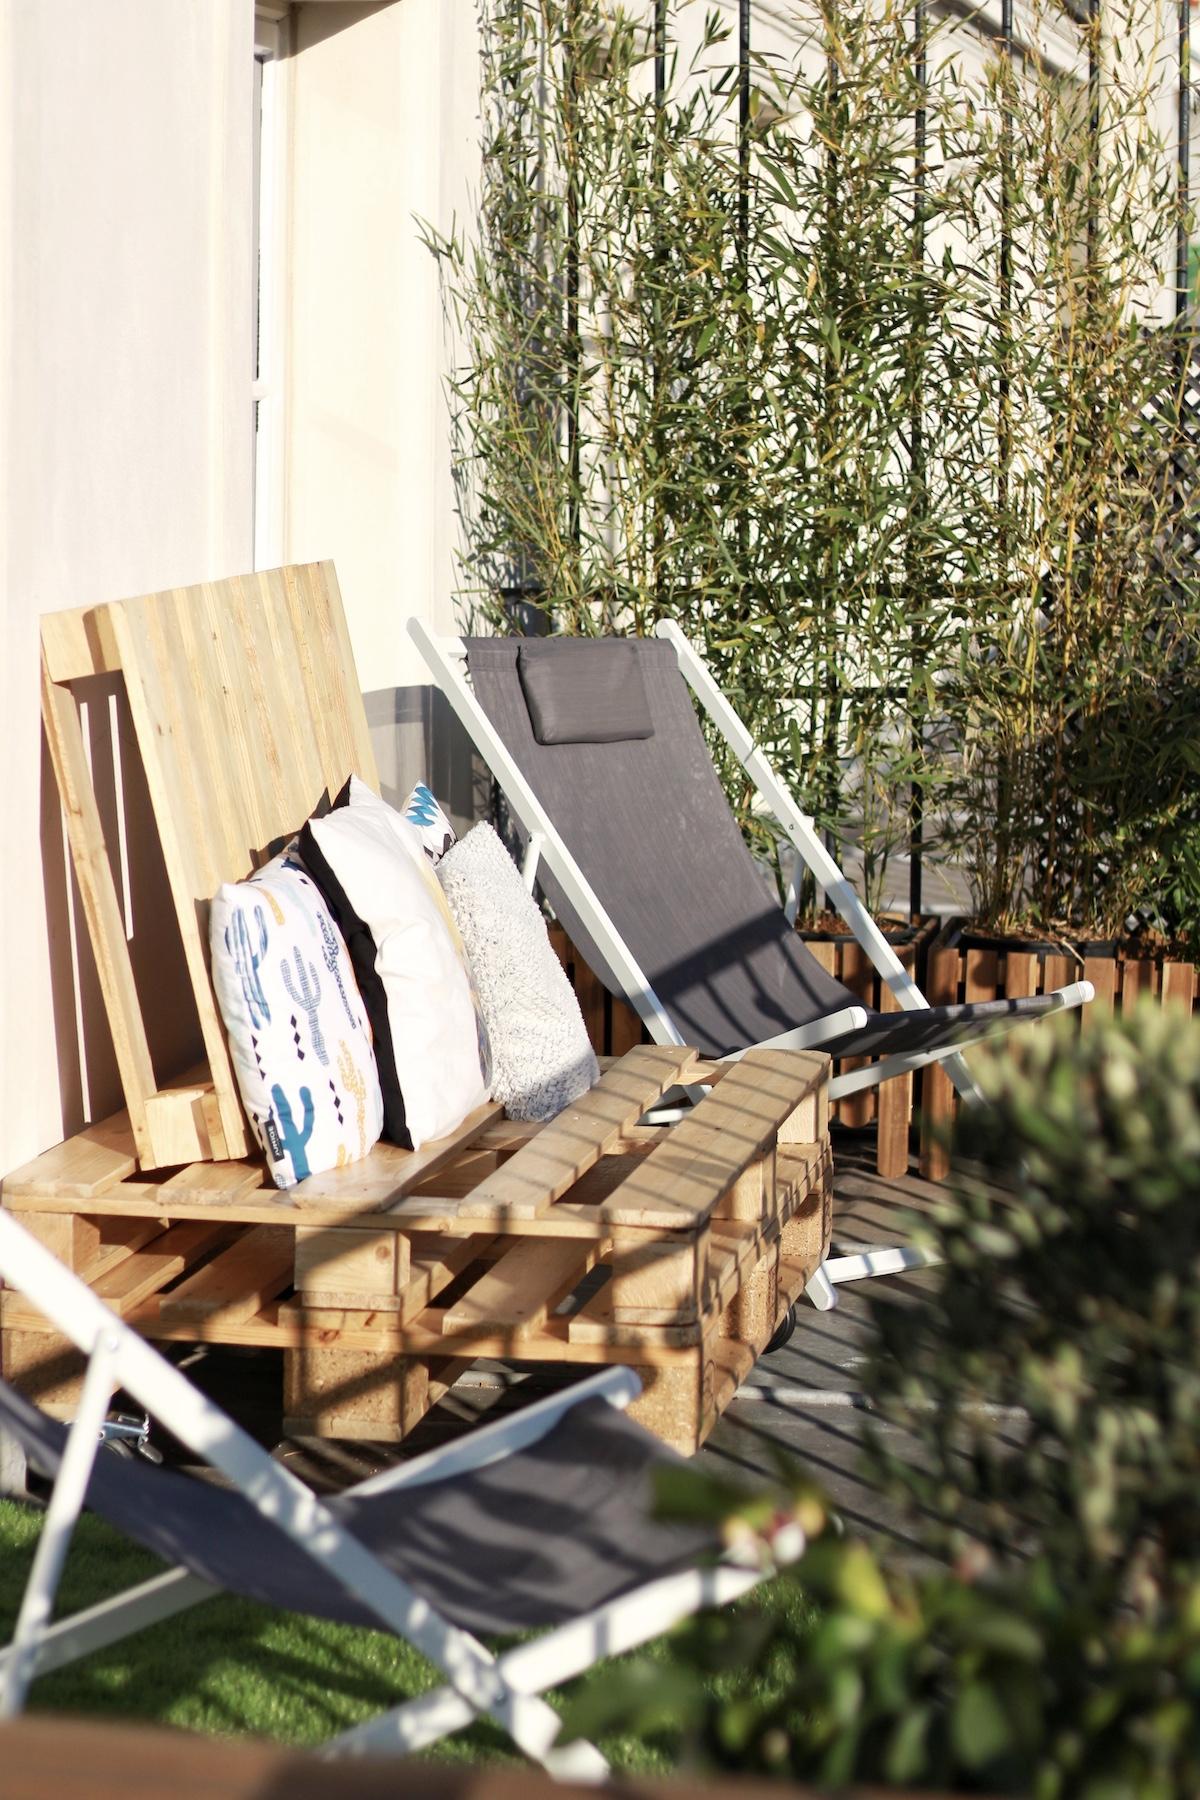 terrasse canapé extérieur palettes en bois coussin